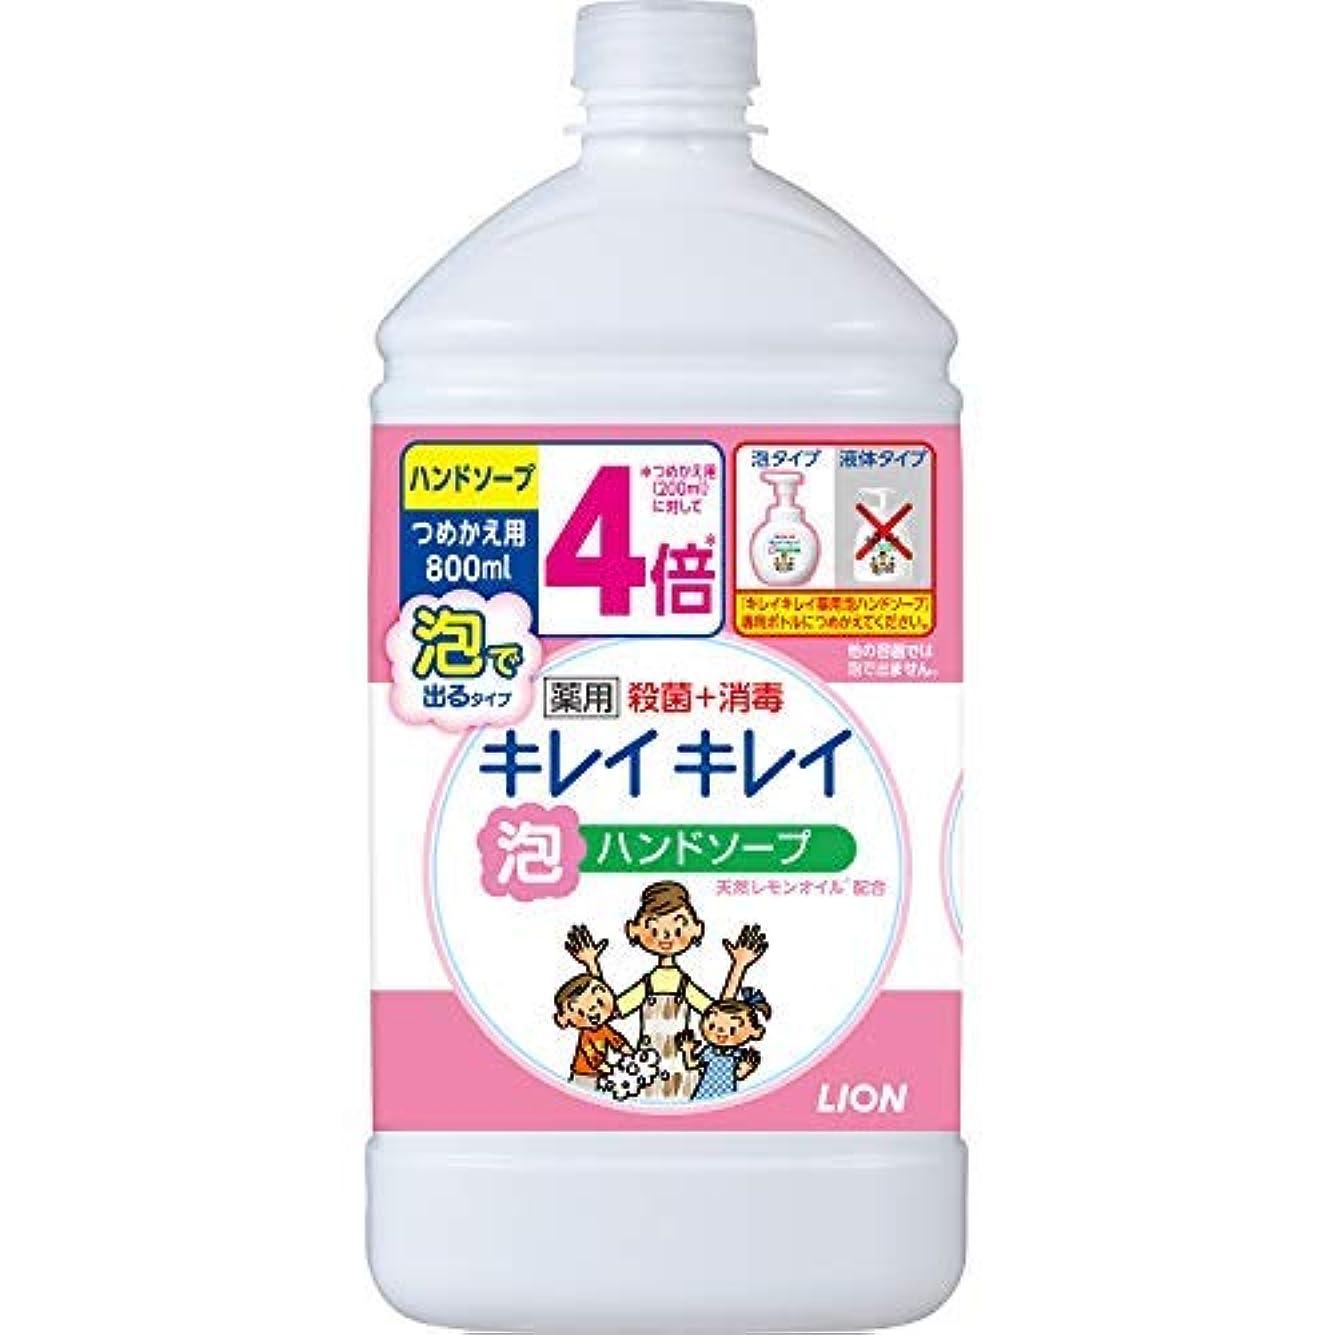 ほこりっぽいパケット売るキレイキレイ 薬用泡ハンドソープ つめかえ用特大サイズ シトラスフルーティ × 12個セット